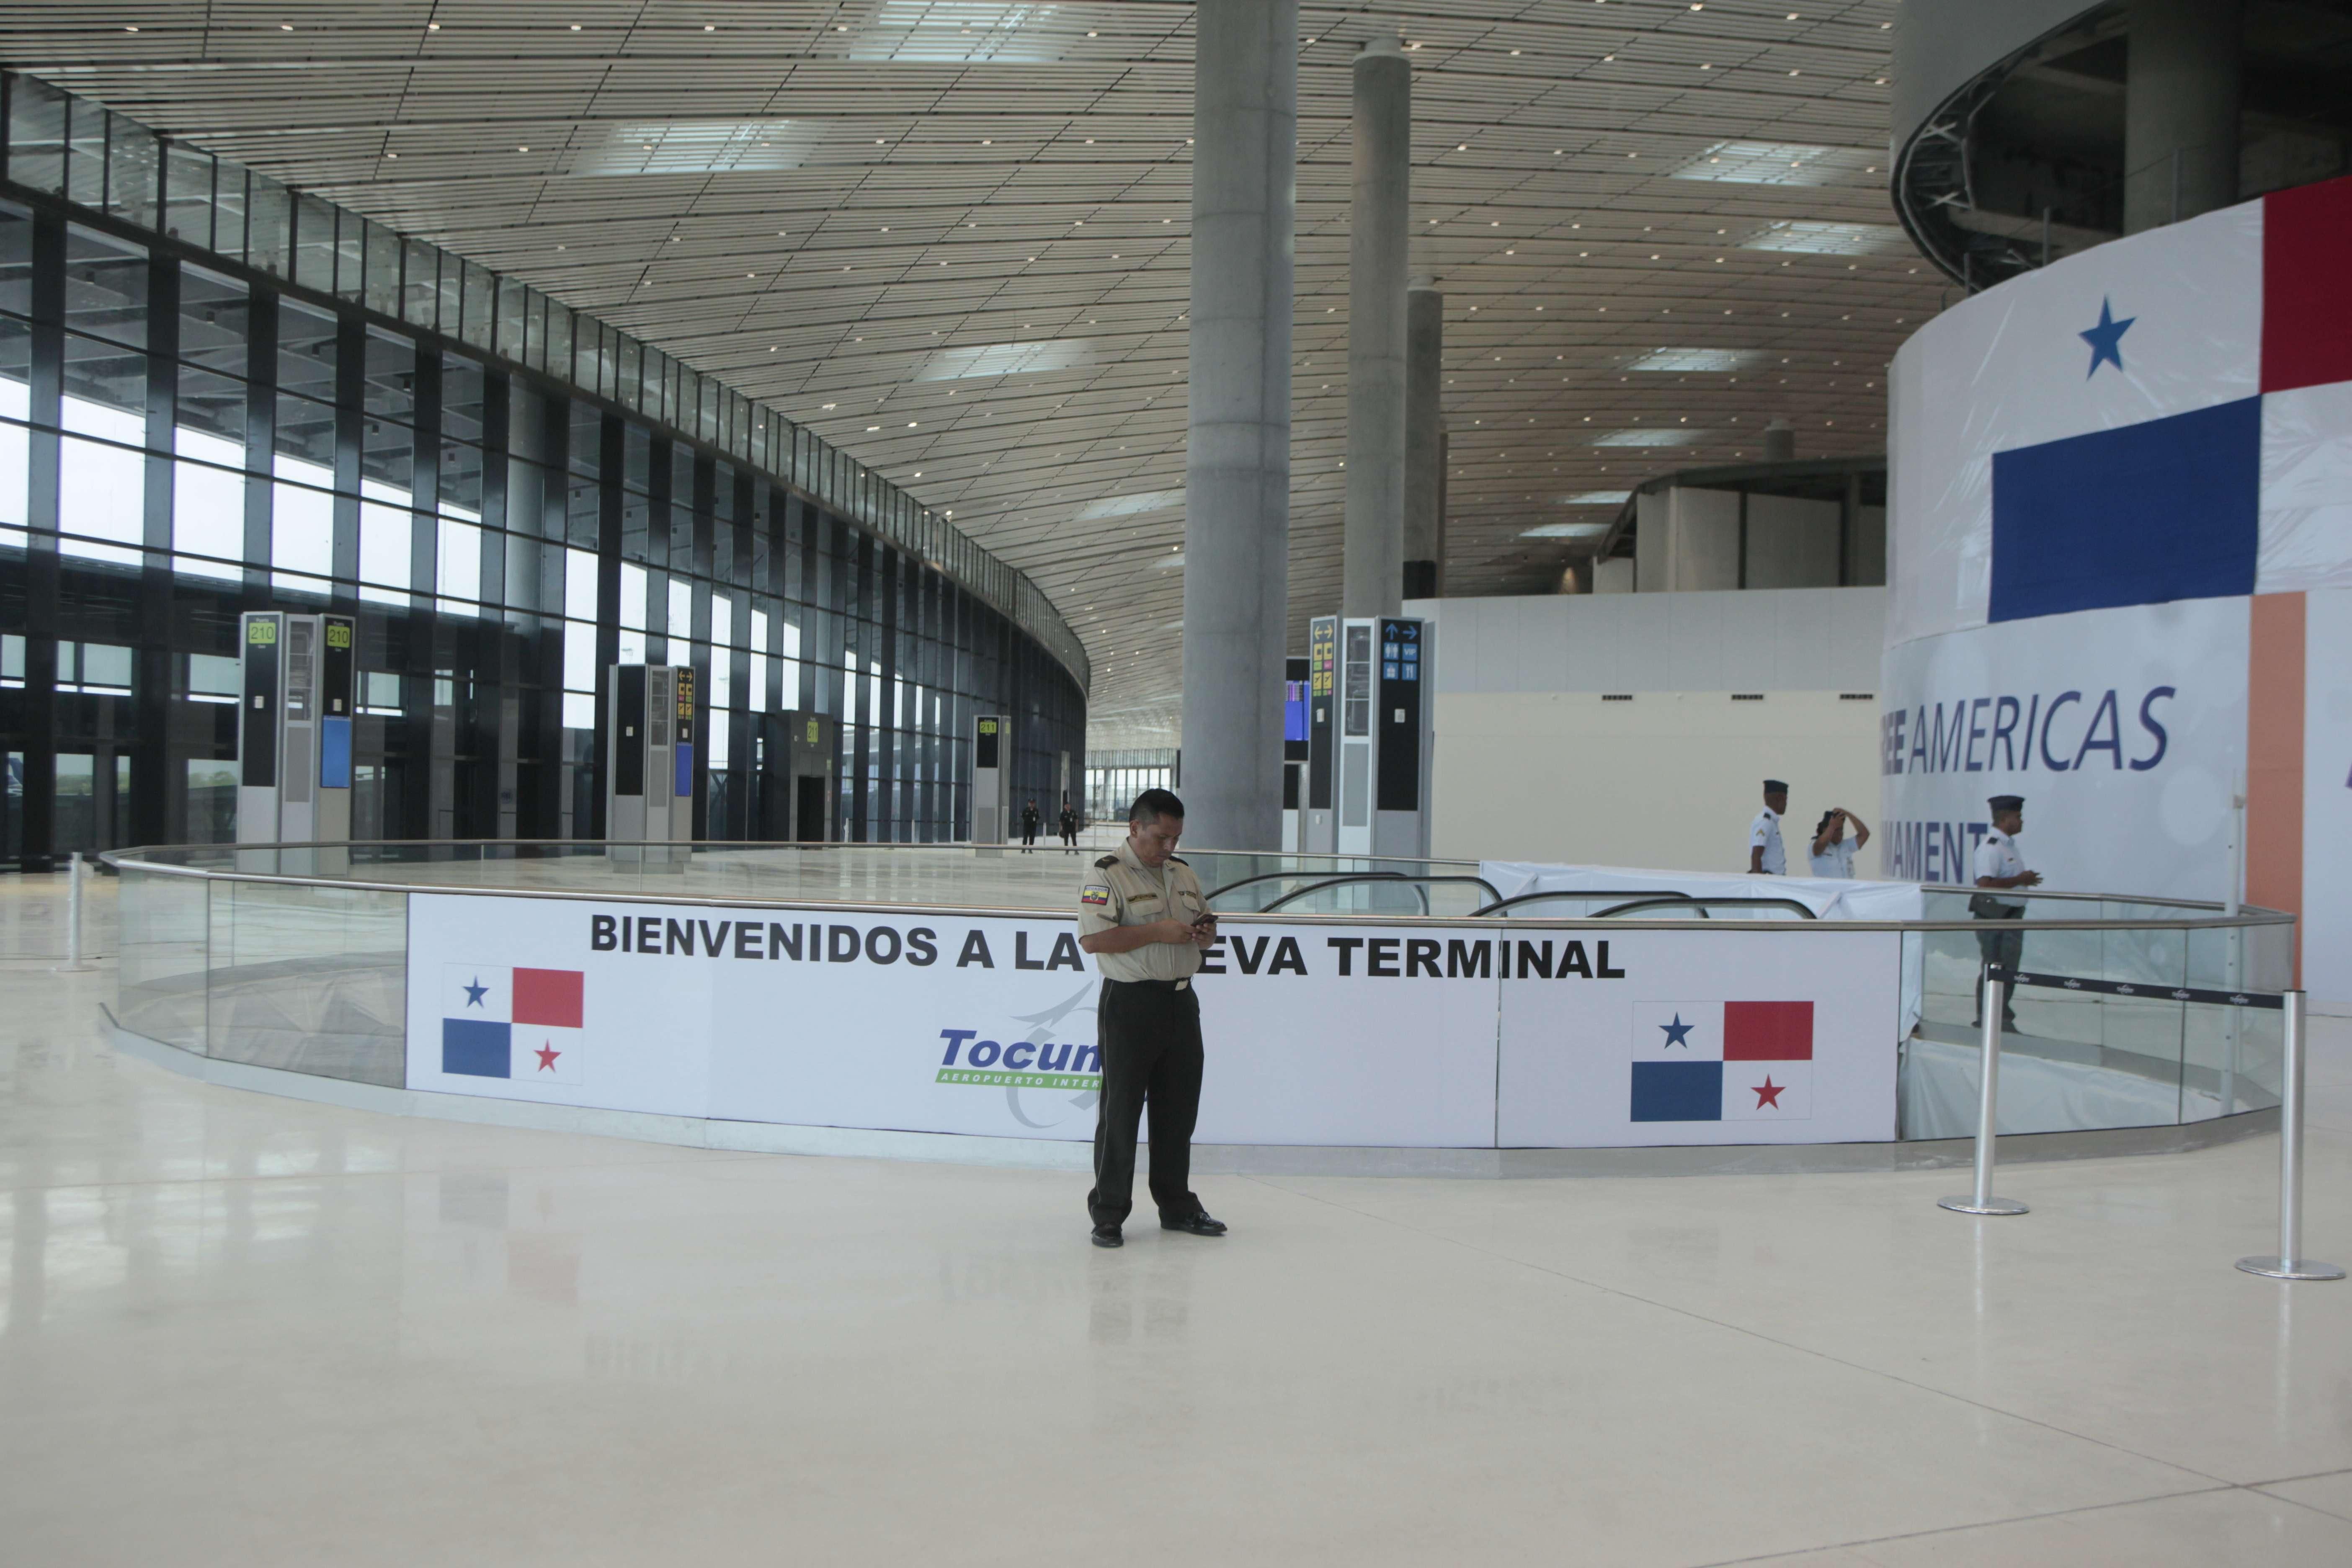 Nueva Terminal 2 del aeropuerto de Tocumen. Foto: Victor Arosemena